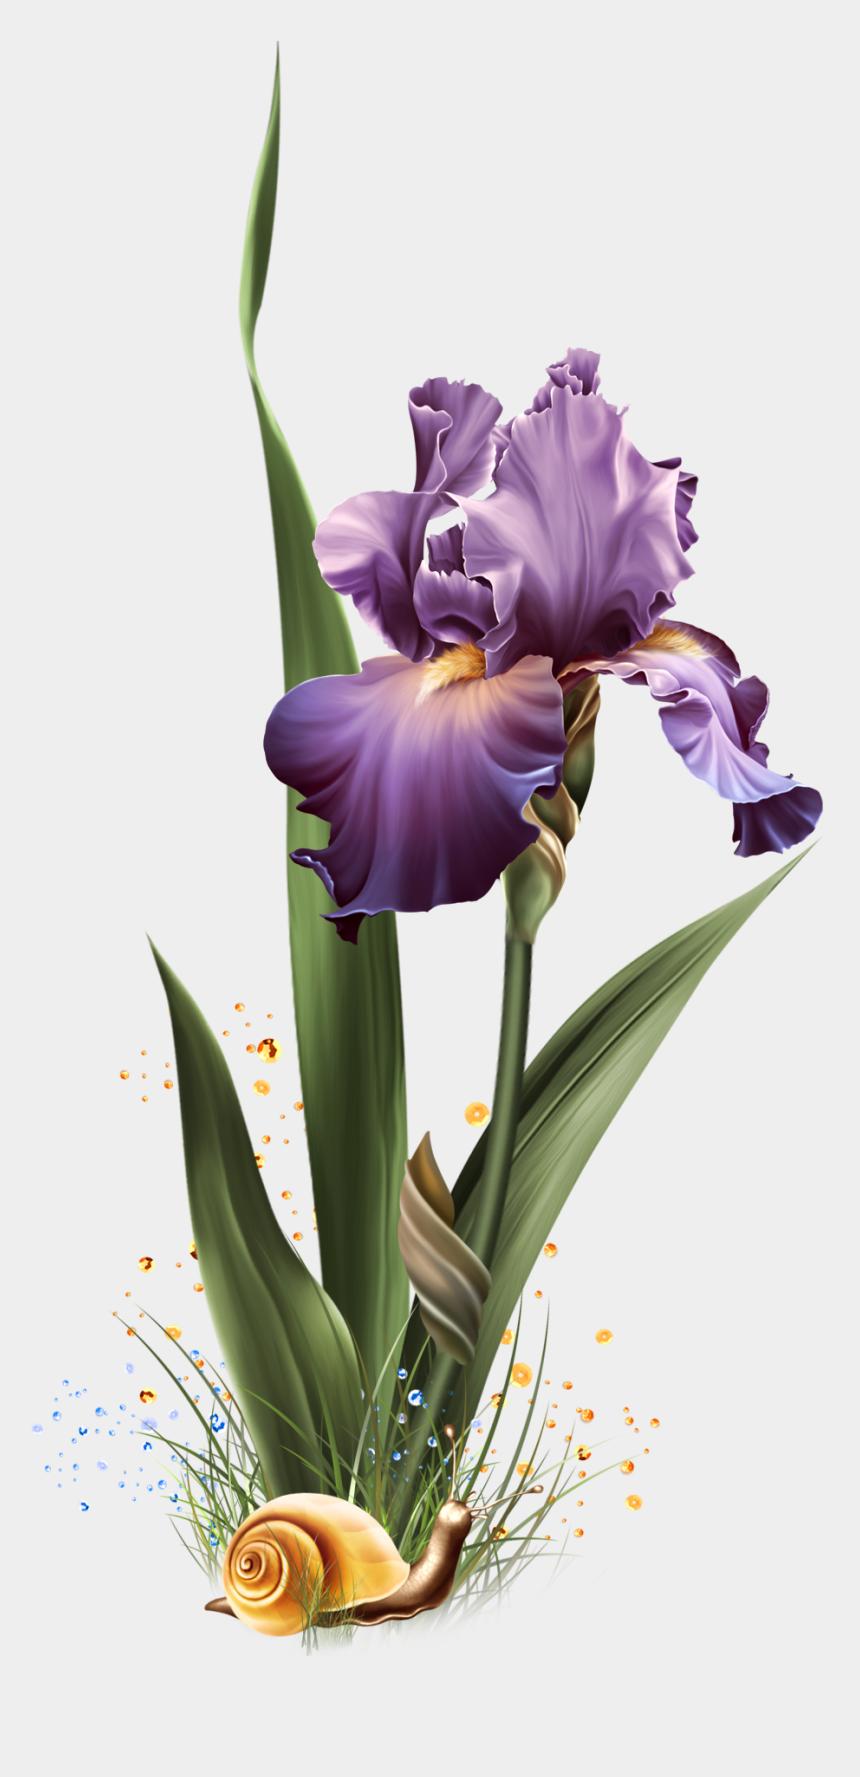 iris flower clipart, Cartoons - Image Du Blog Zezete2 - Portable Network Graphics